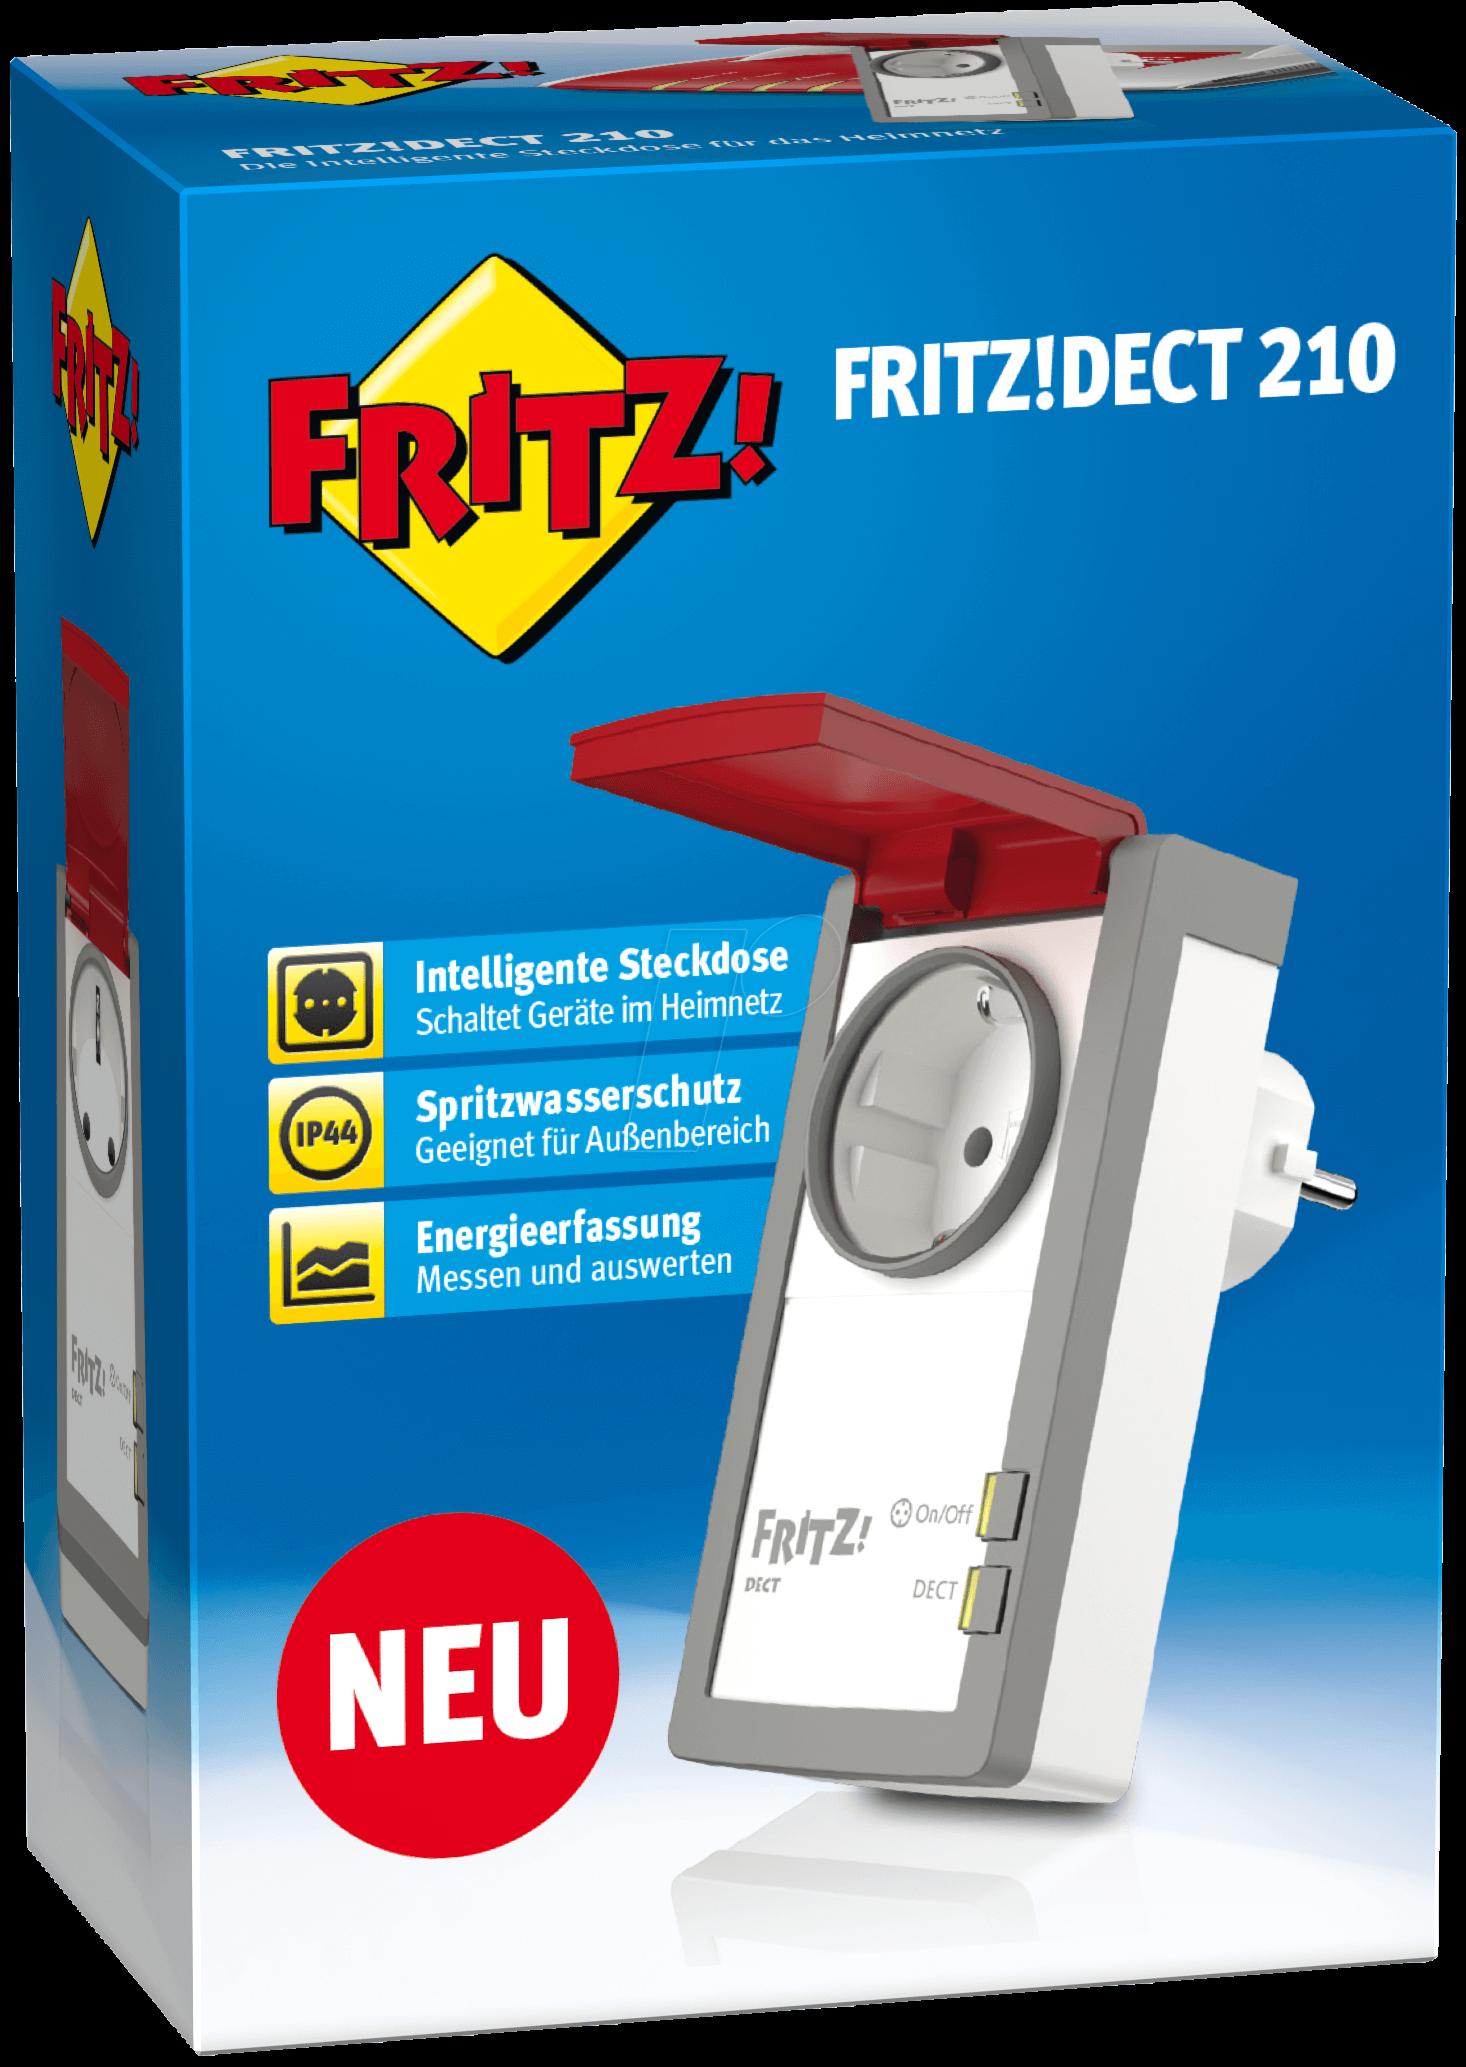 https://cdn-reichelt.de/bilder/web/xxl_ws/EC00/AVM_FRITZ_DECT_210_05.png